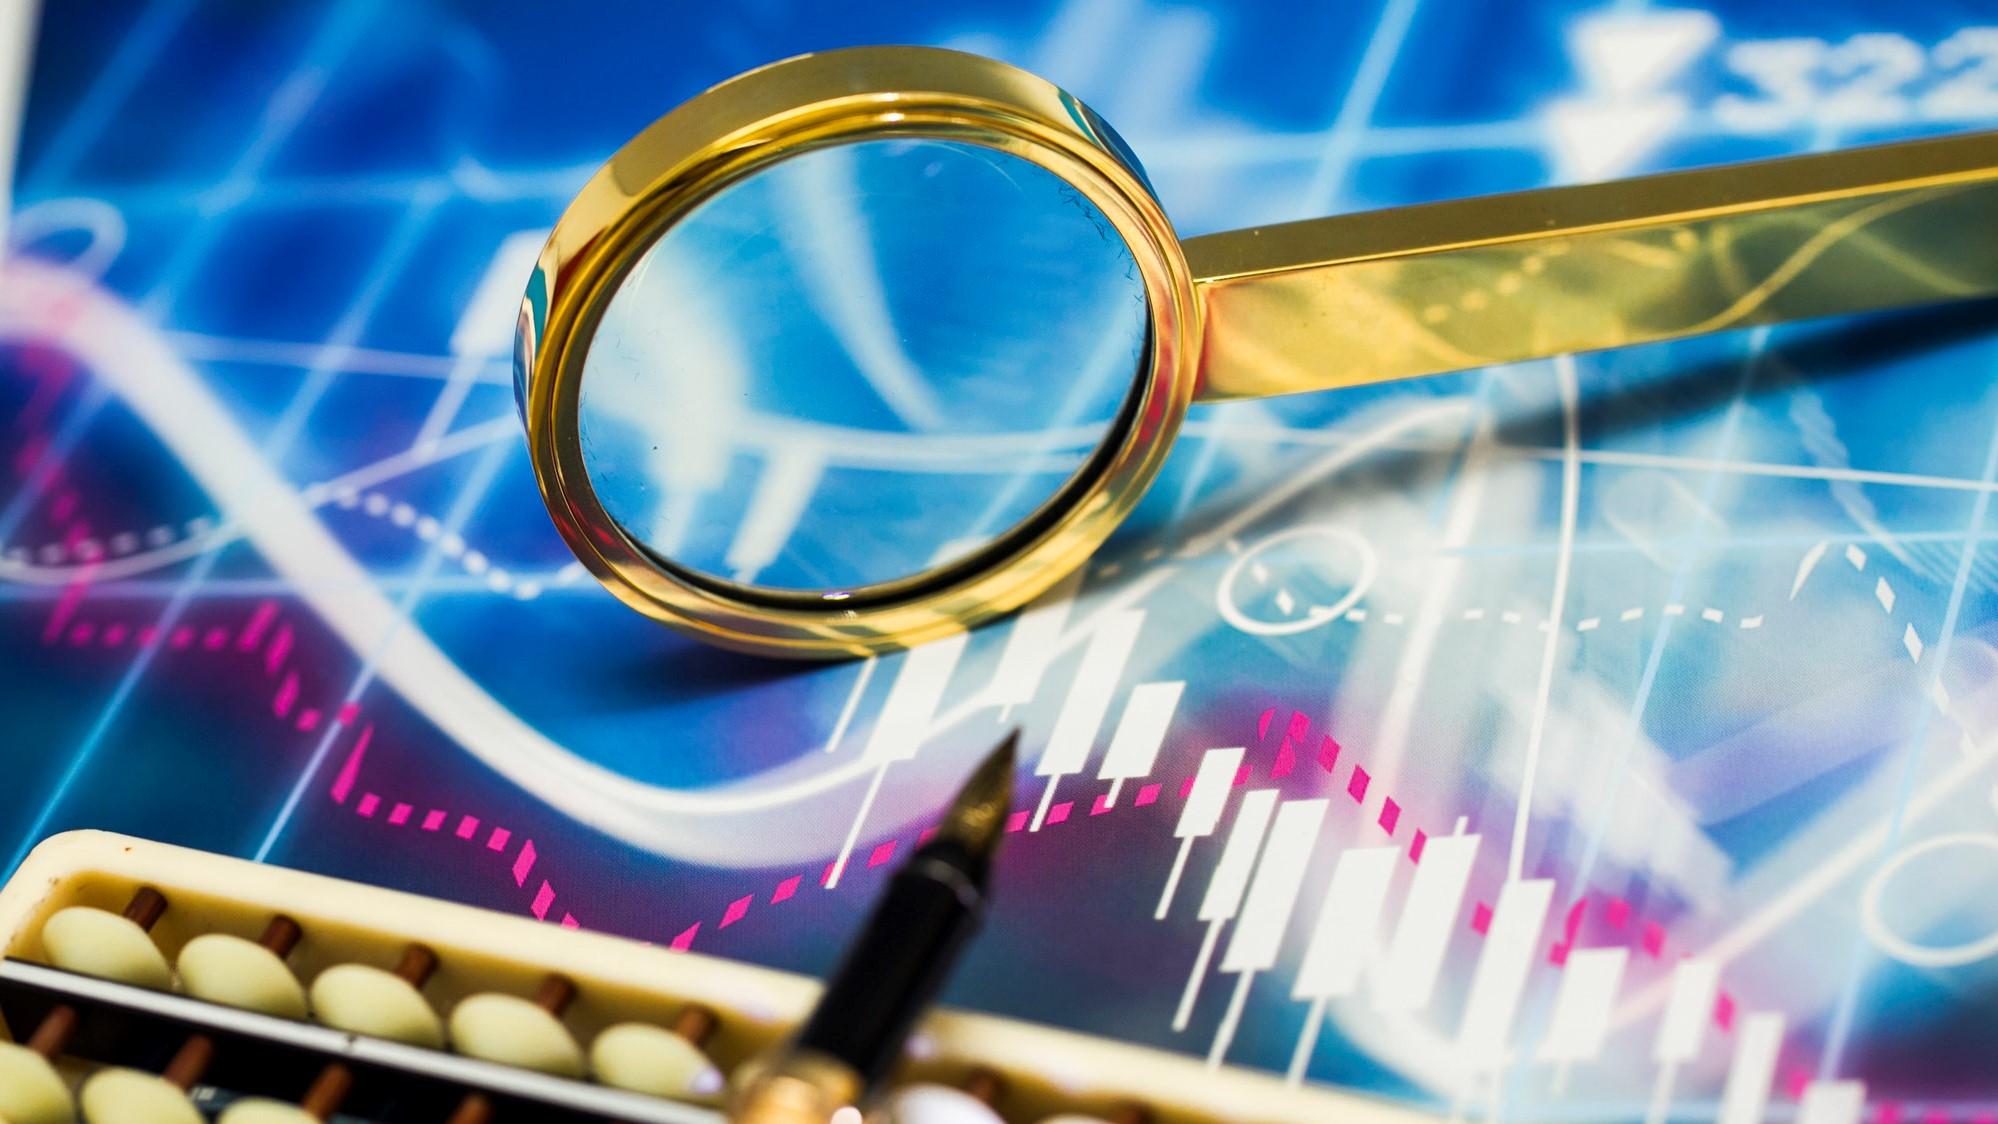 收购两笔关联资产,朗新科技前三季度净利飙涨20倍